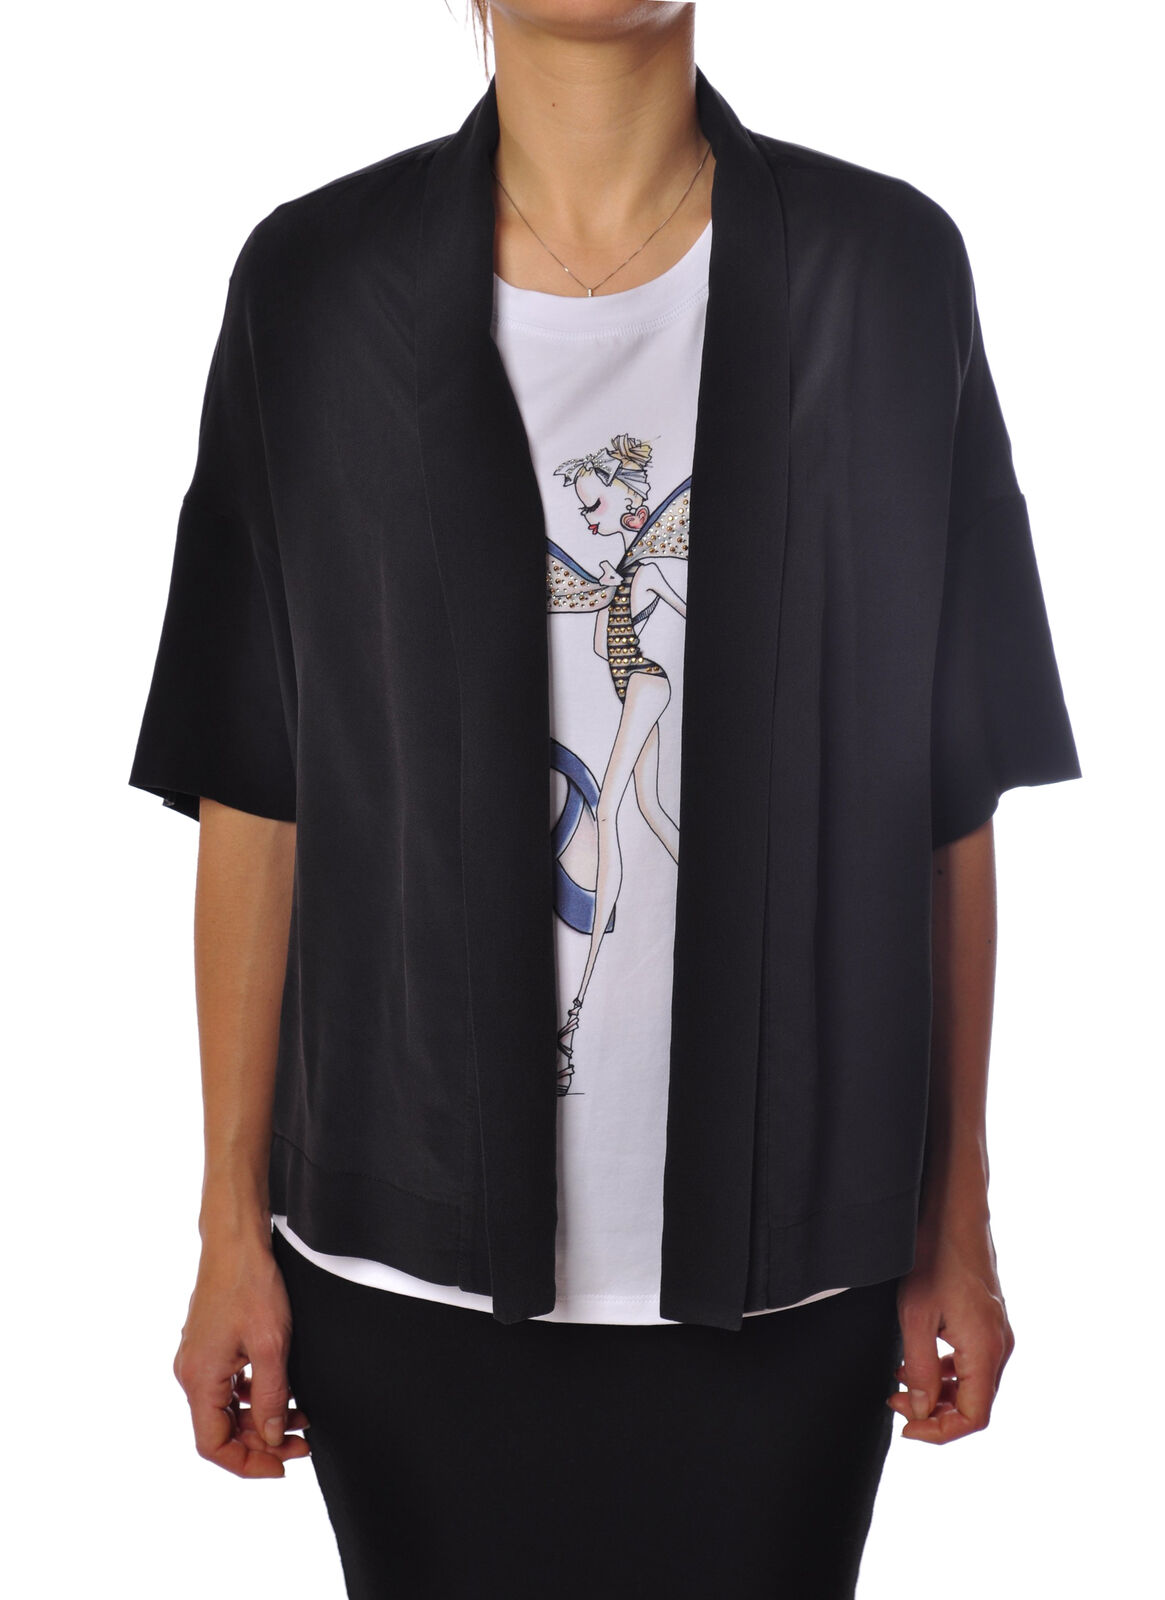 Ottod'ame - Shirts-Blouses - Woman - schwarz - 2094631G182113